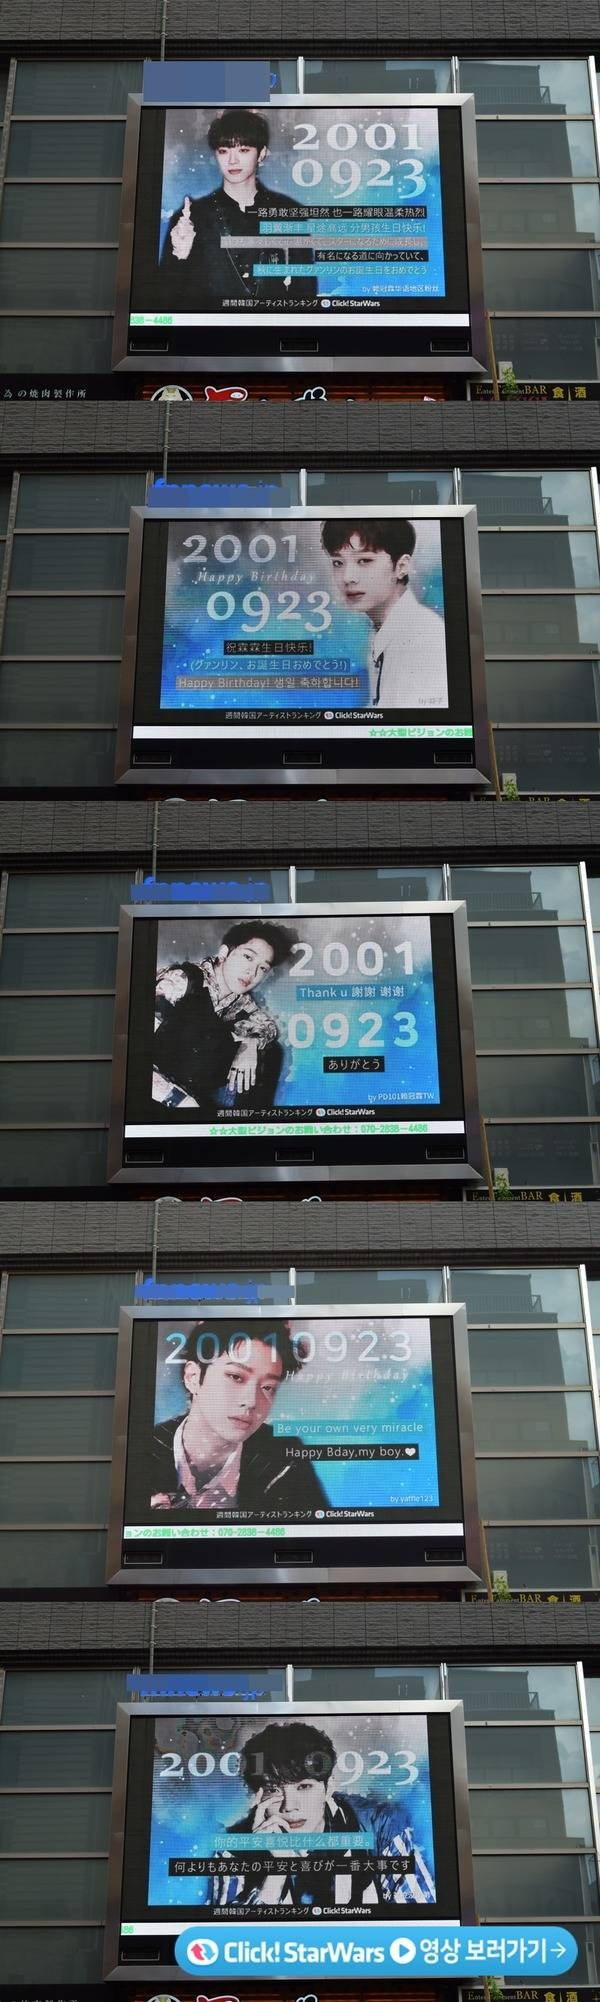 '도쿄부터 압구정까지' 워너원 라이관린, 생일 축하 전광판 '점령'